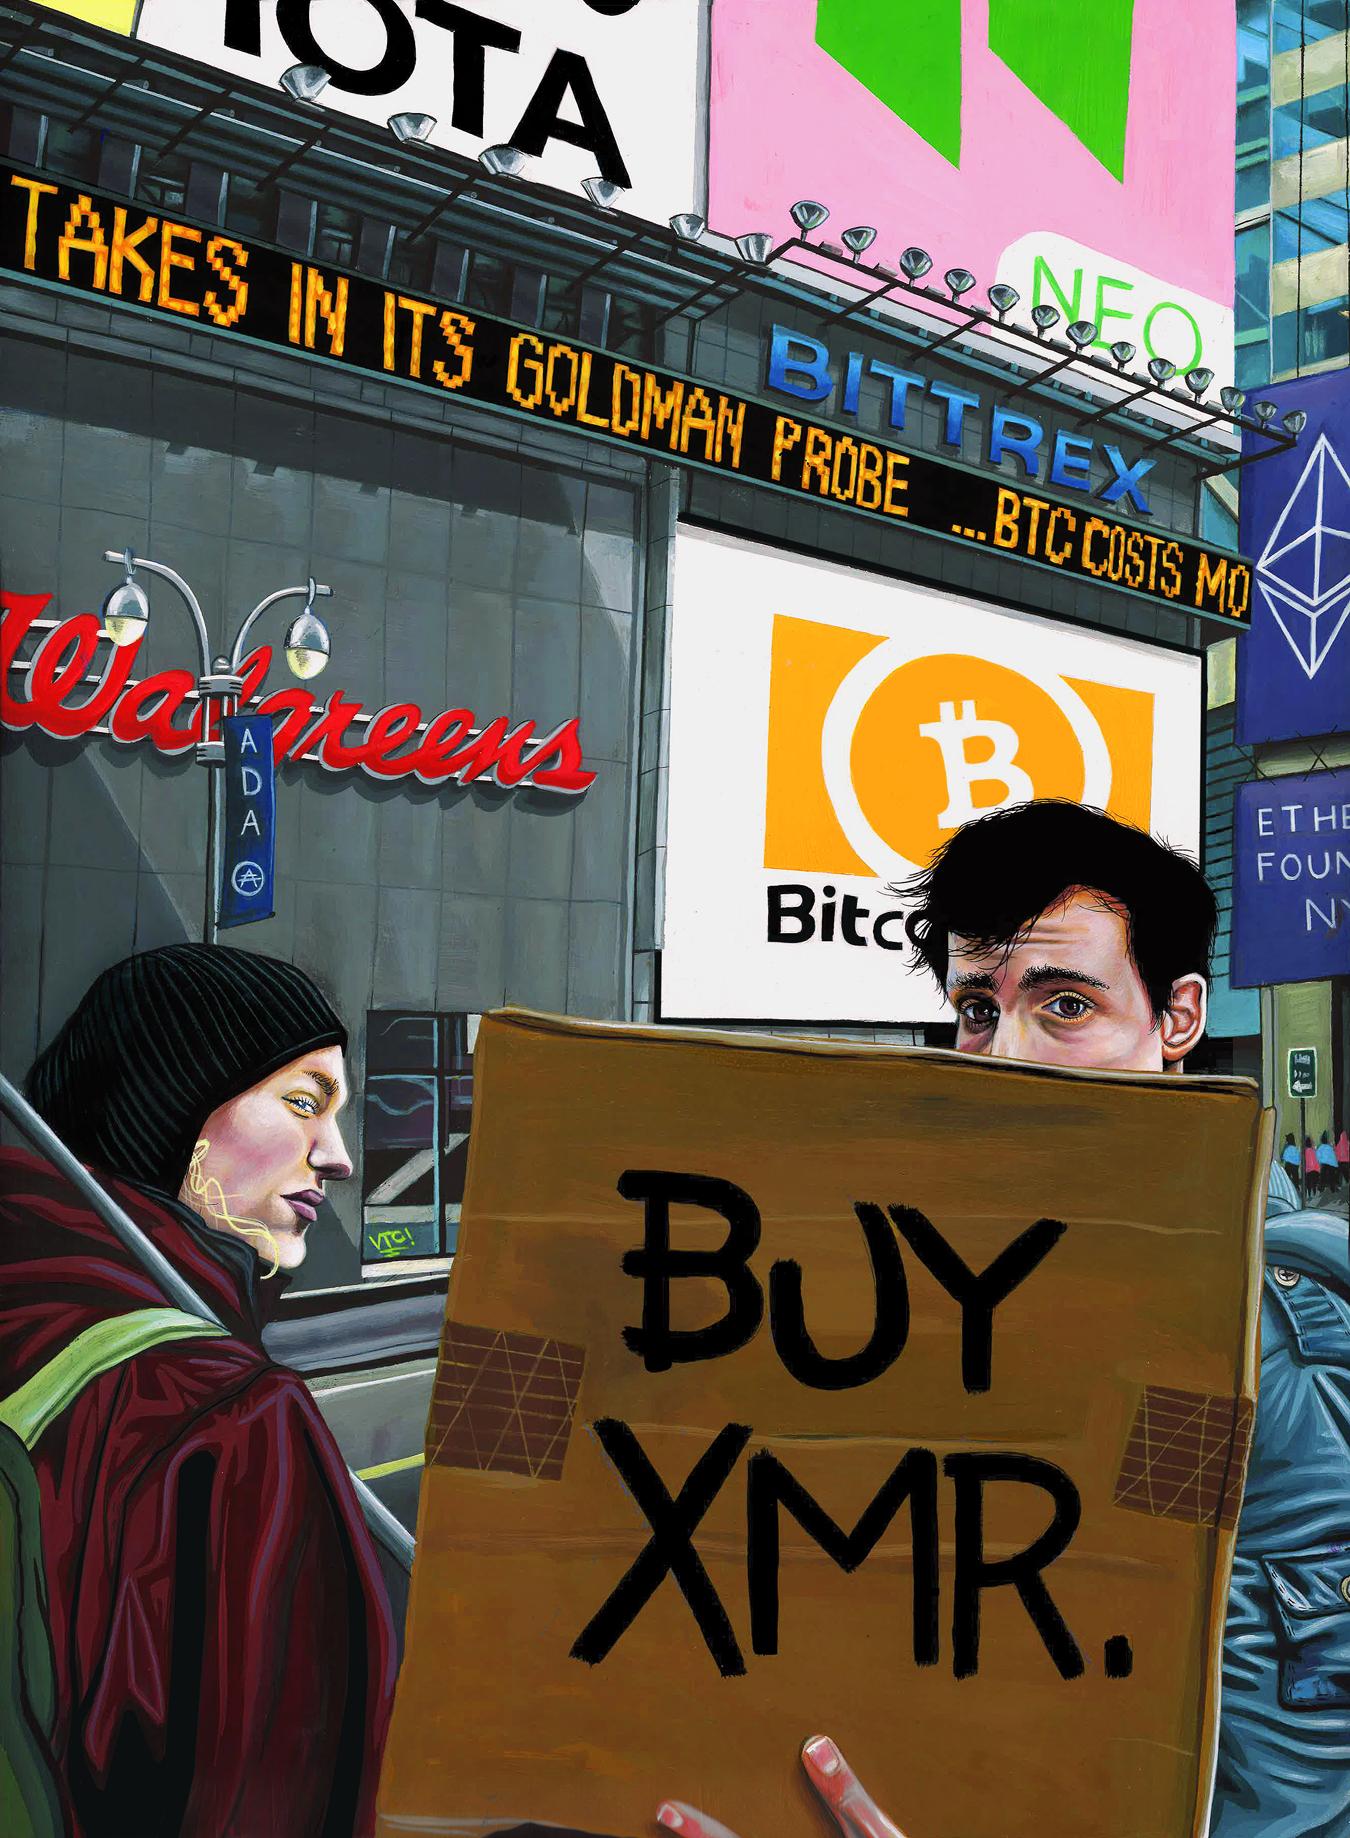 Buy XMR.